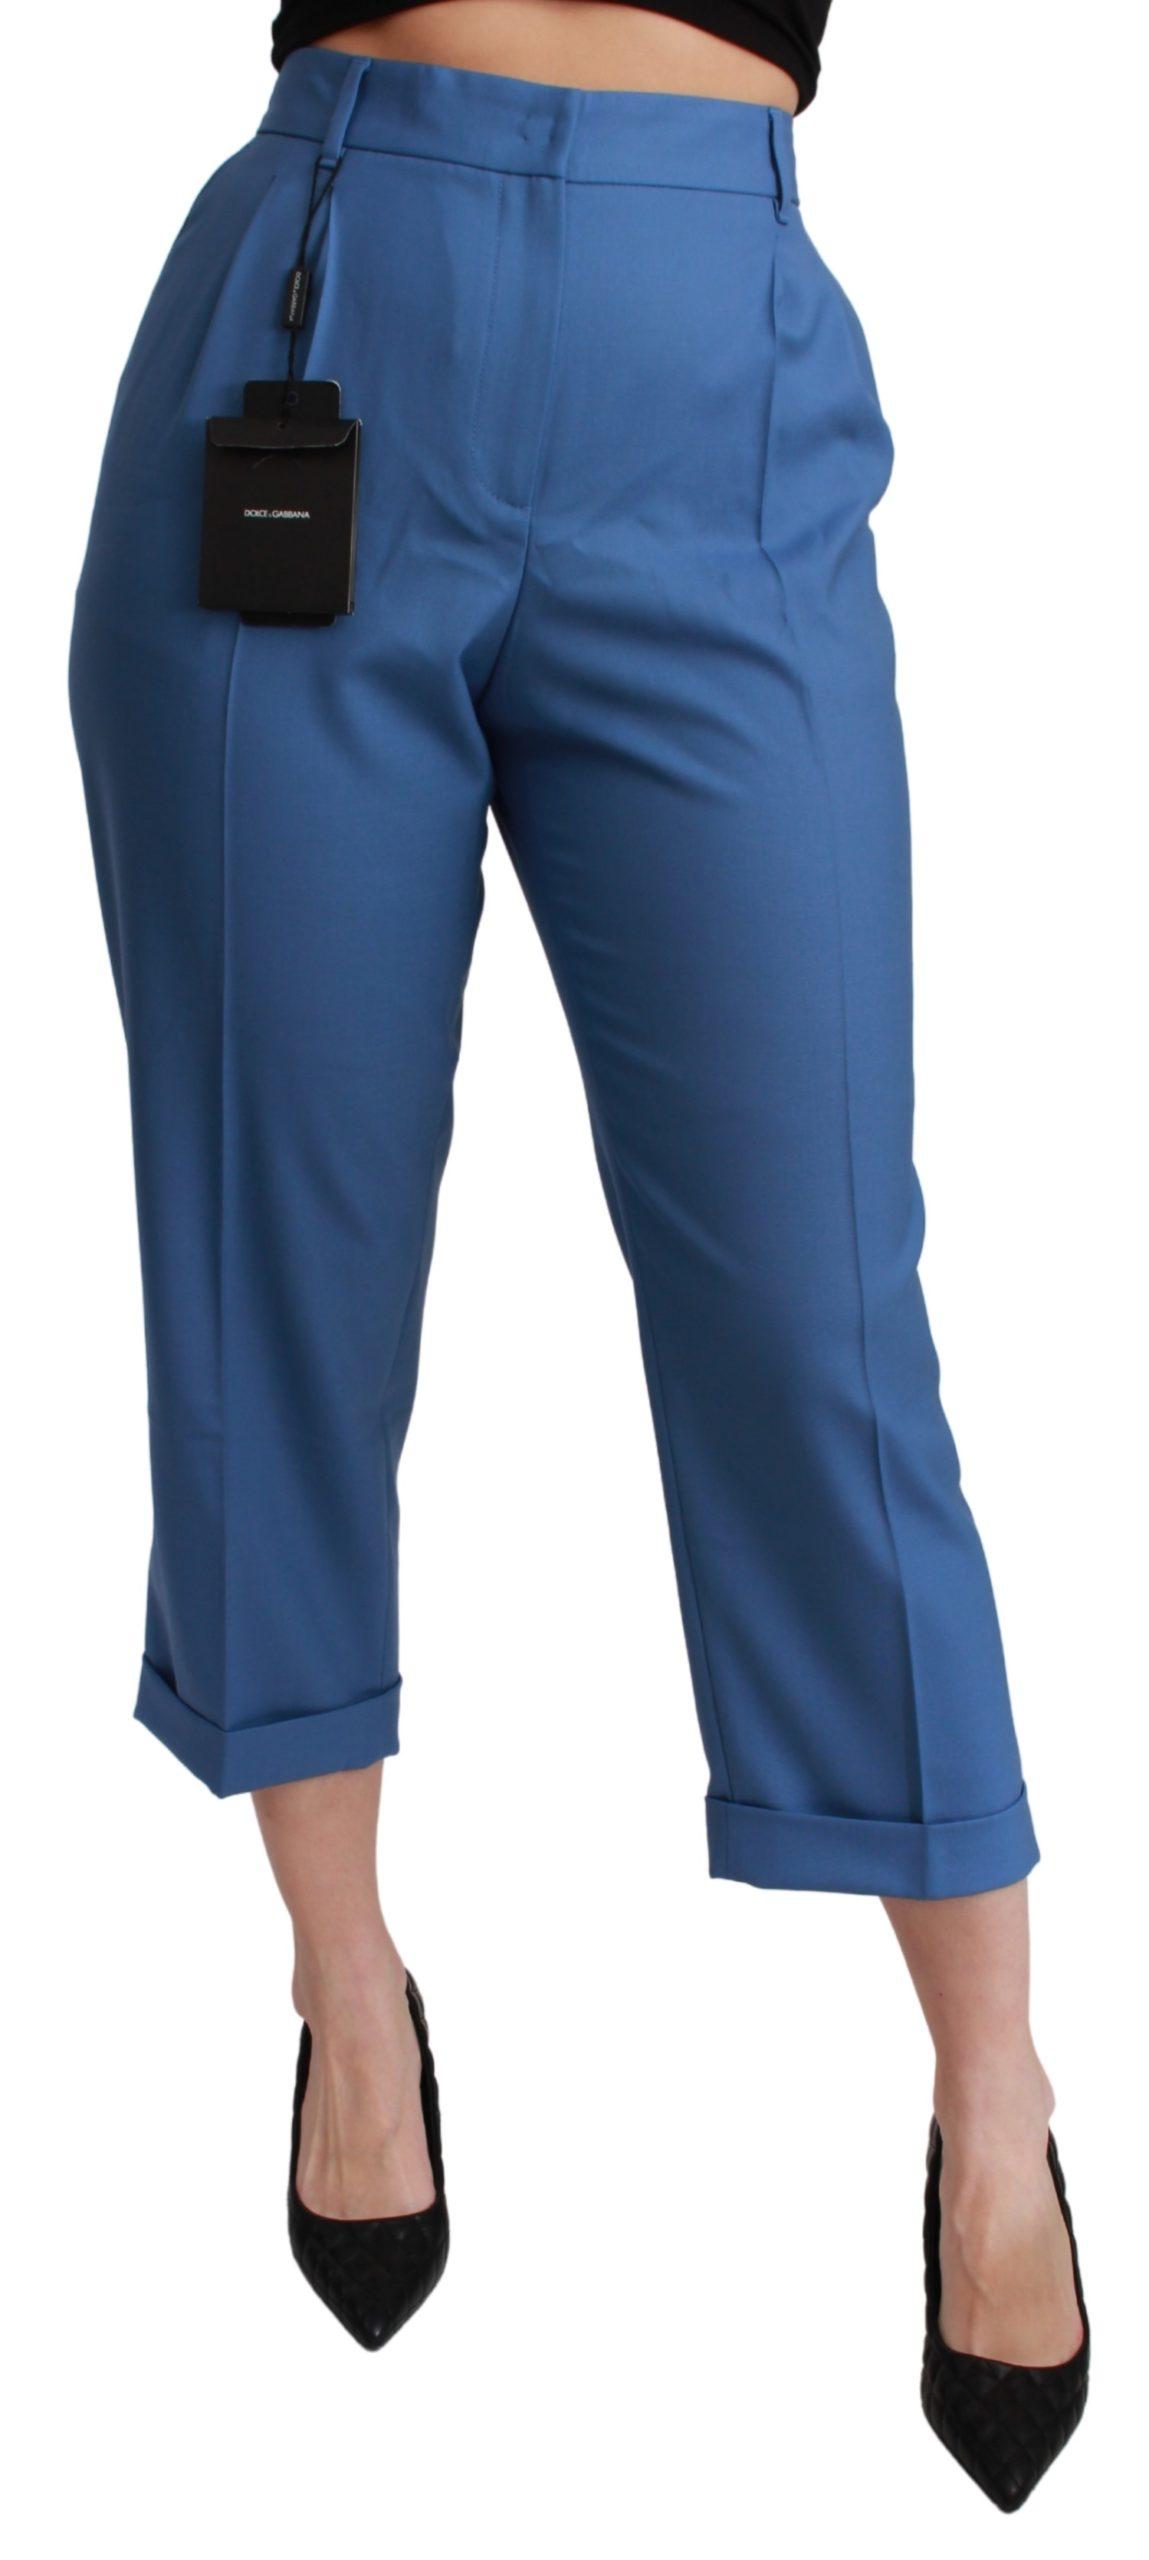 Dolce & Gabbana Women's Pleated Wool Cuffed Cropped Trouser Blue PAN71060 - IT36   XS